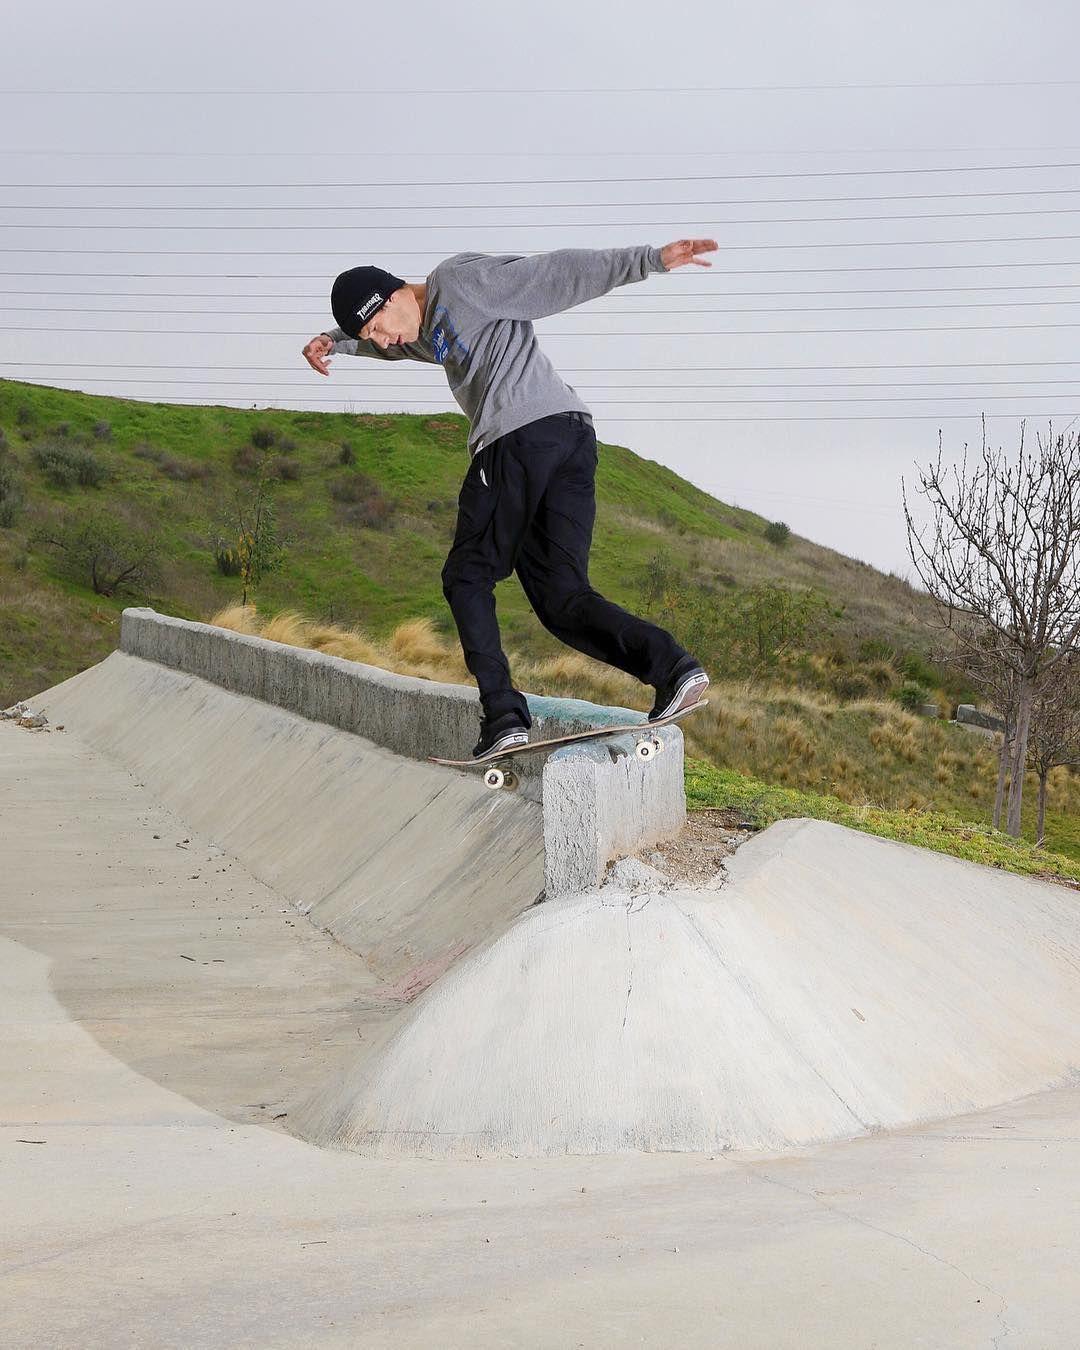 Repost Andrewdietterle Backside Lip Slide Albrunelle Skatediy Skateboarding Skateboard Skate Skatelife Skateboard Pictures Skateboard Ride Or Die